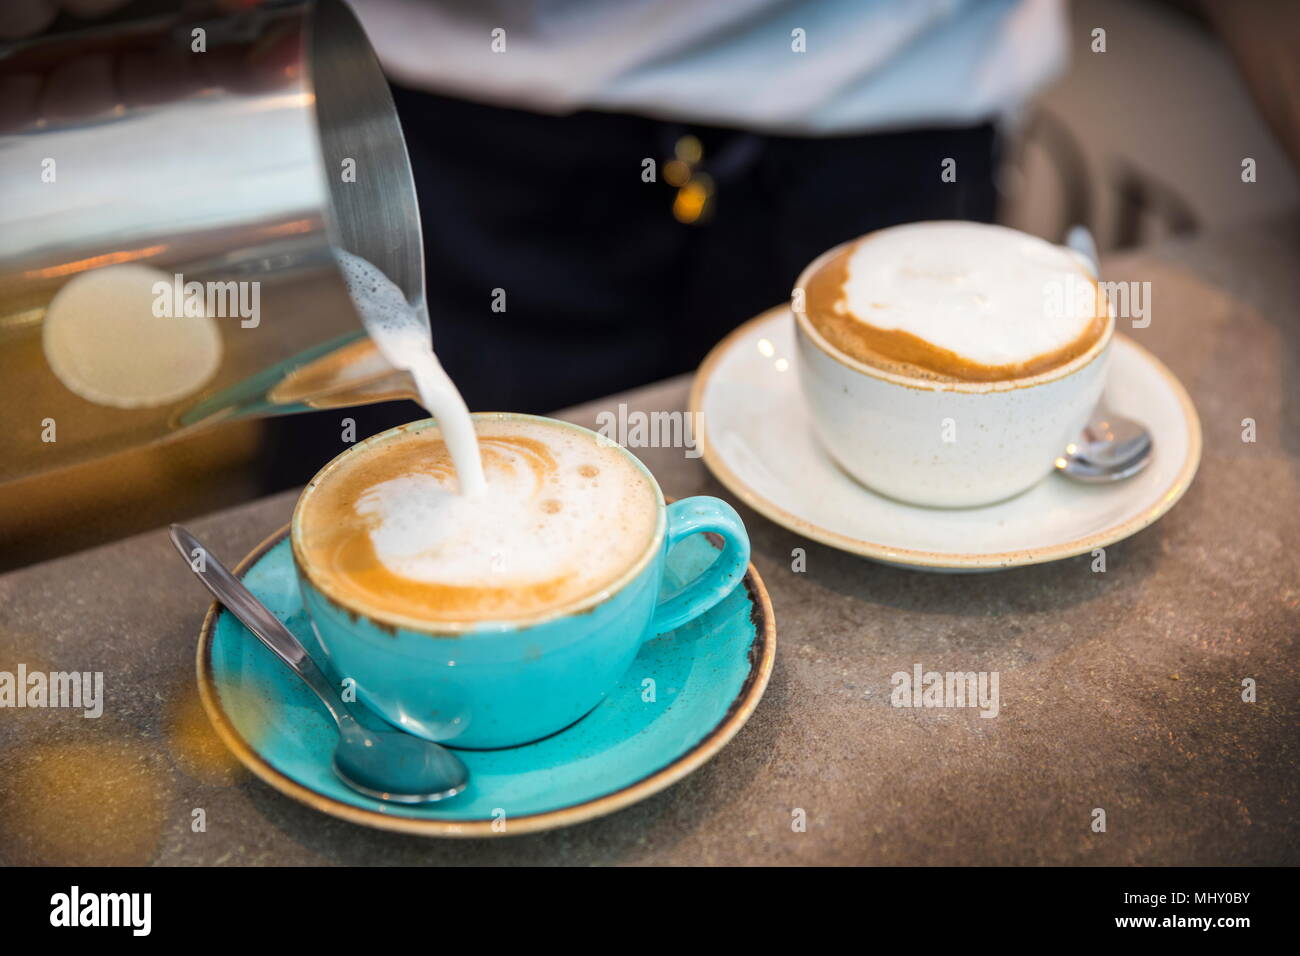 Barista vertiendo leche espumosa en la taza de café, close-up Imagen De Stock